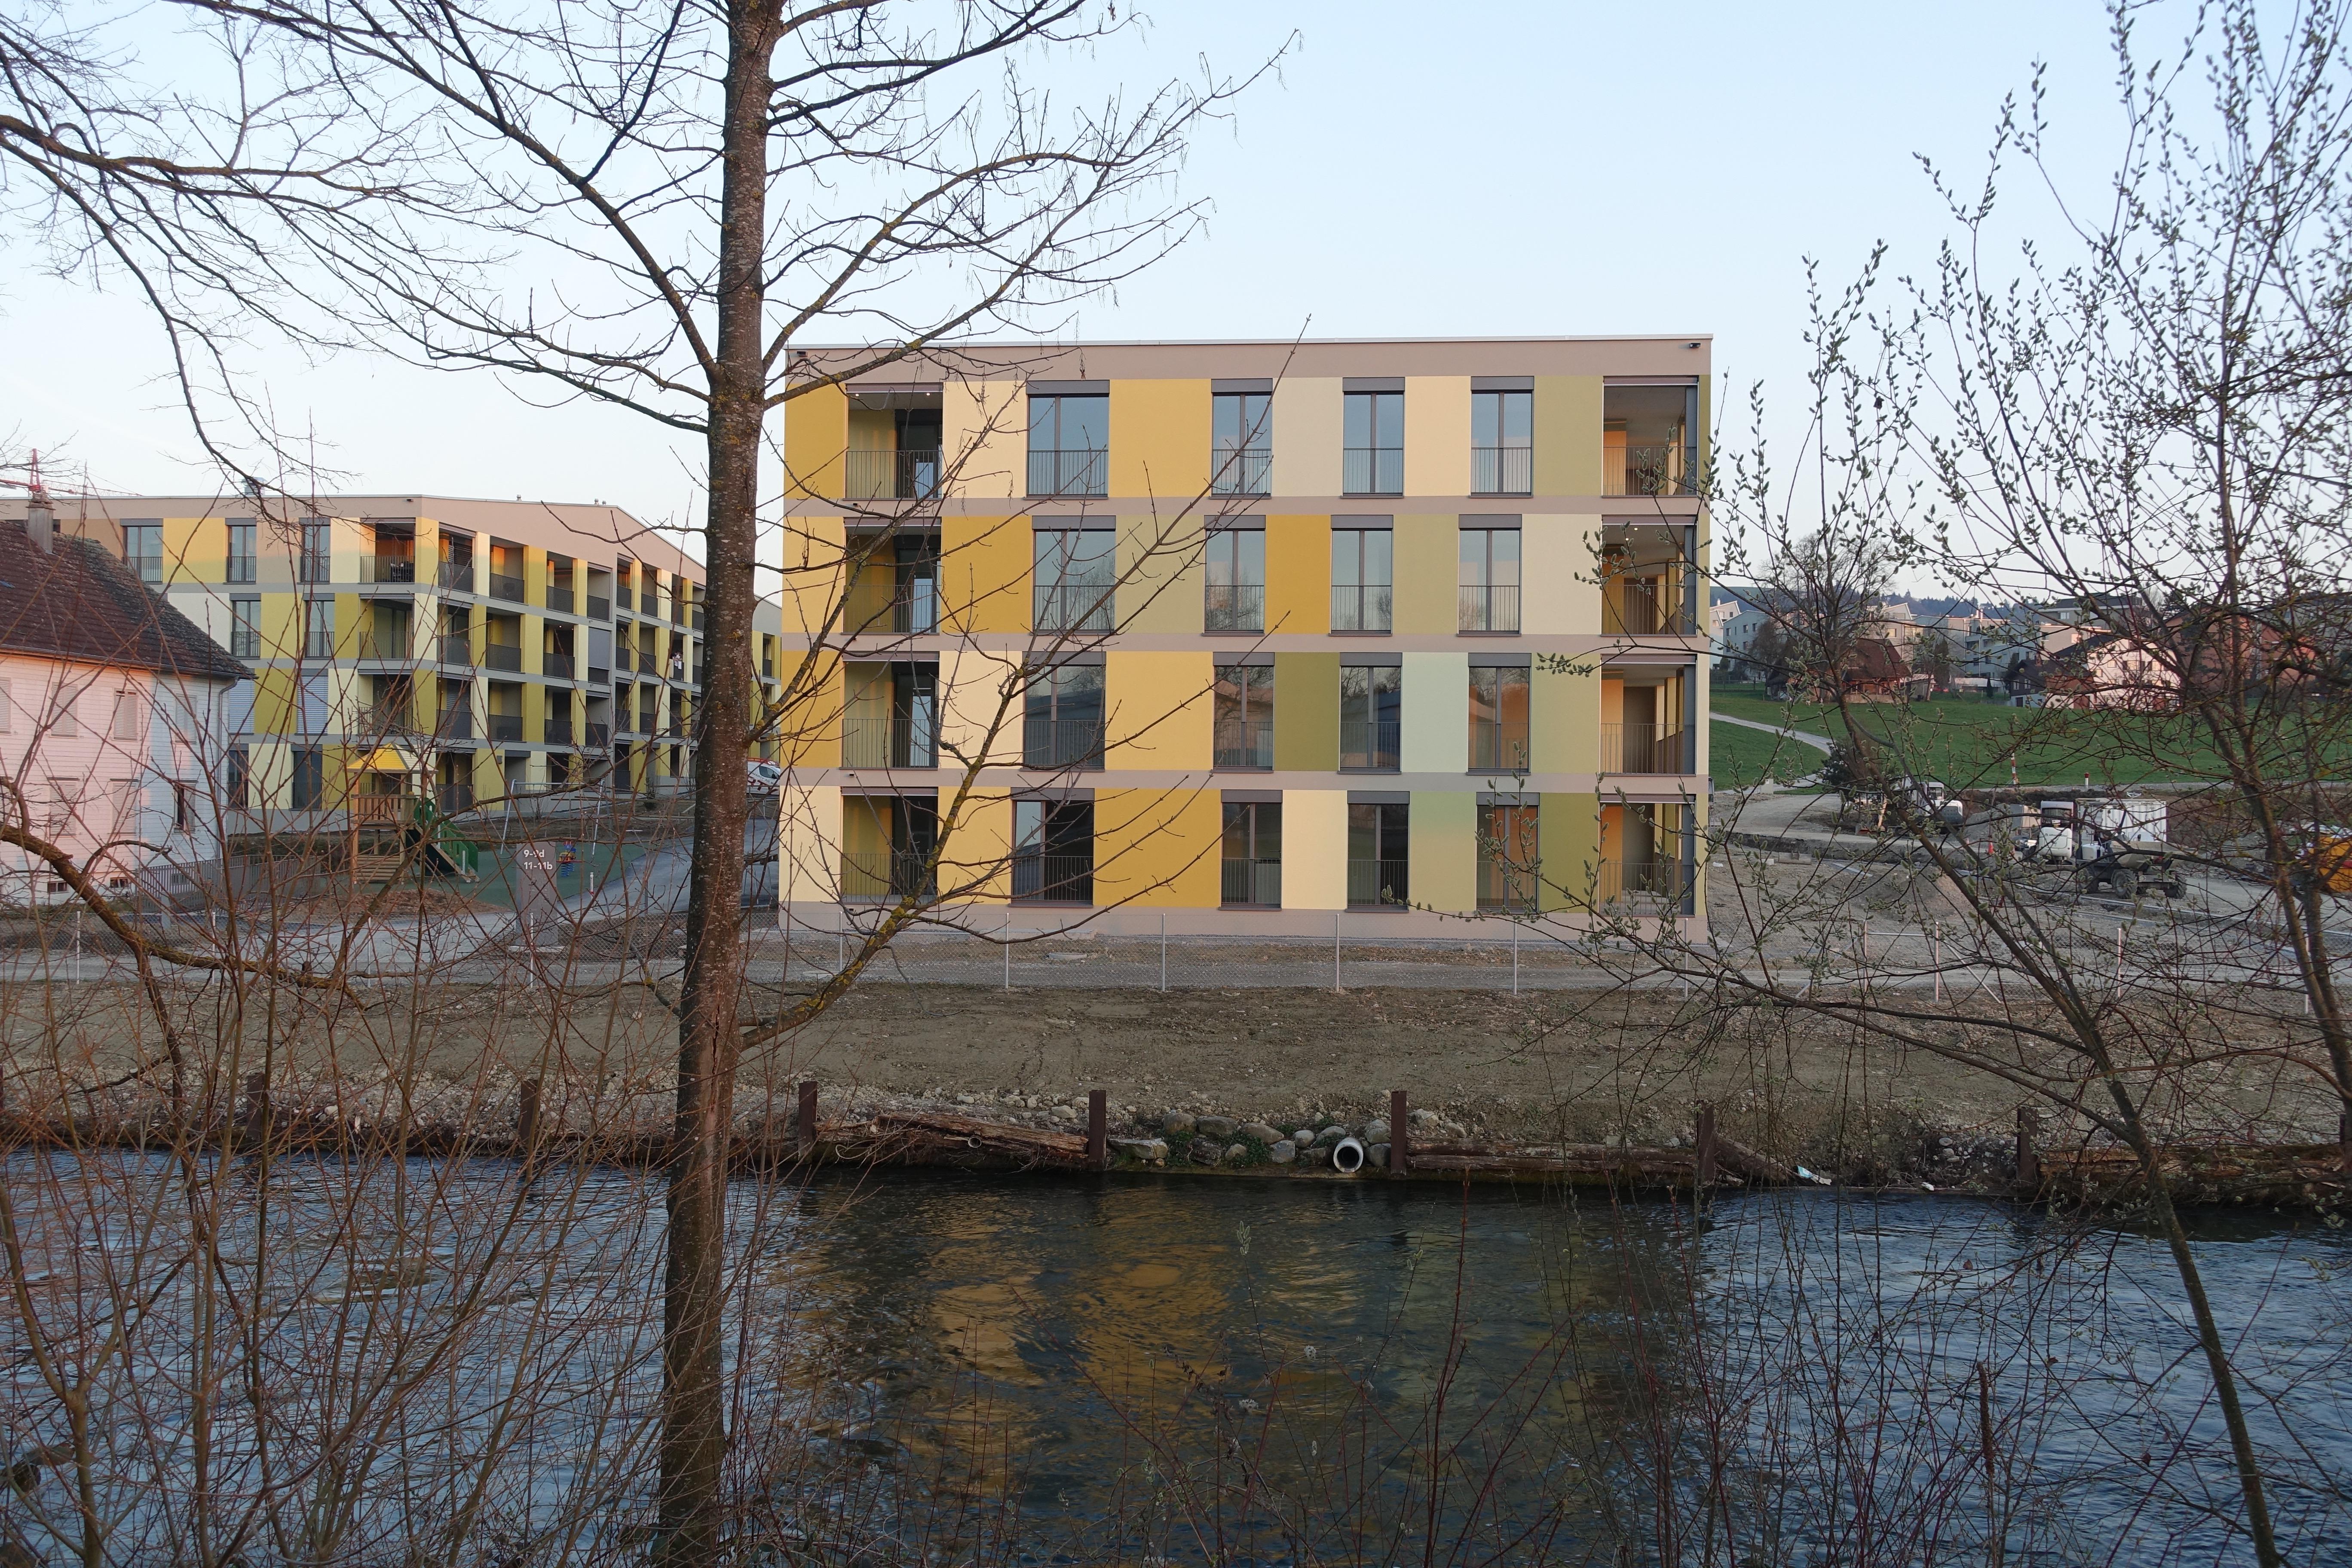 Wie die Altbauten steht auch der Neubau mit dem Kopf am Wasser.